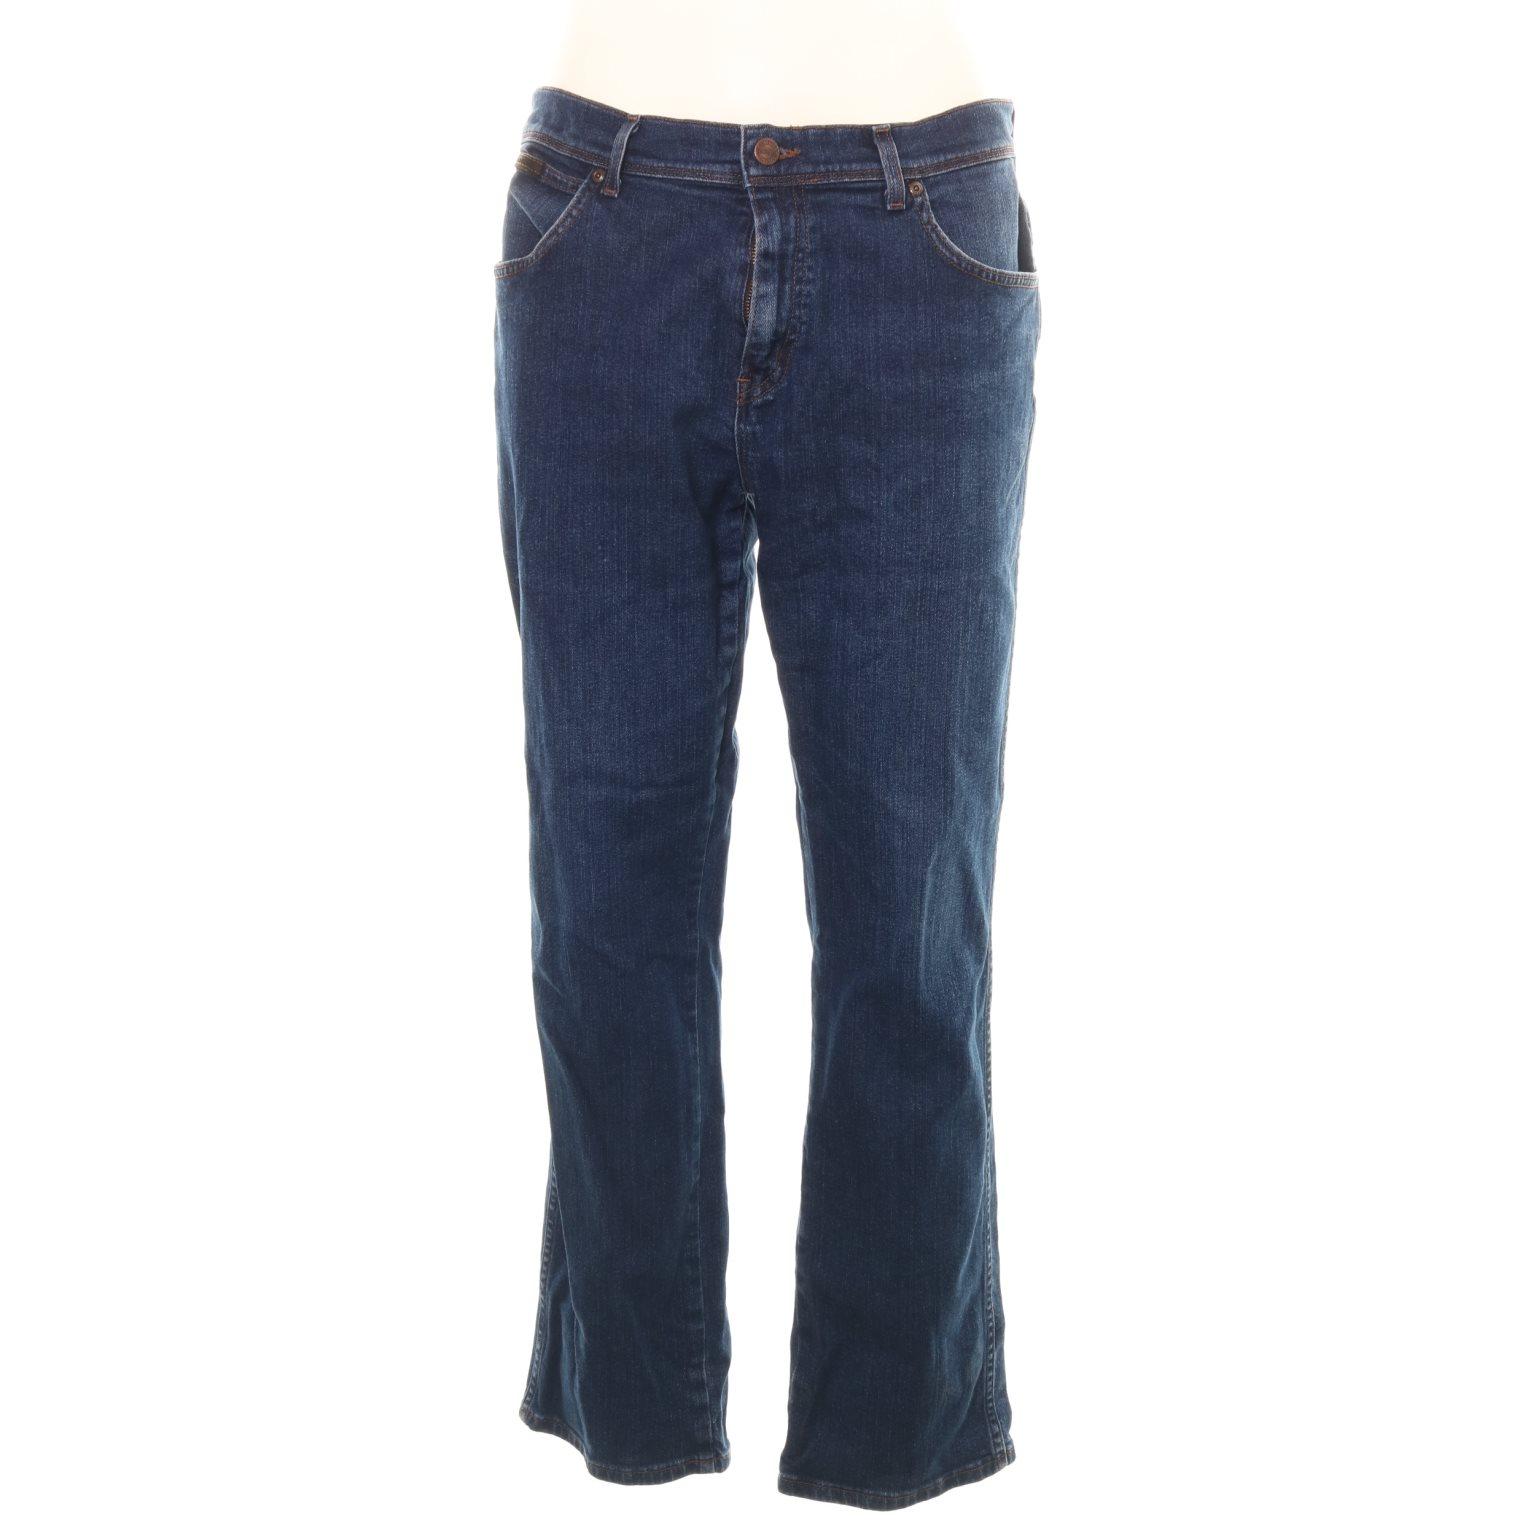 Wrangler, Jeans, Strl: 36/32, Texas, Mörkblå